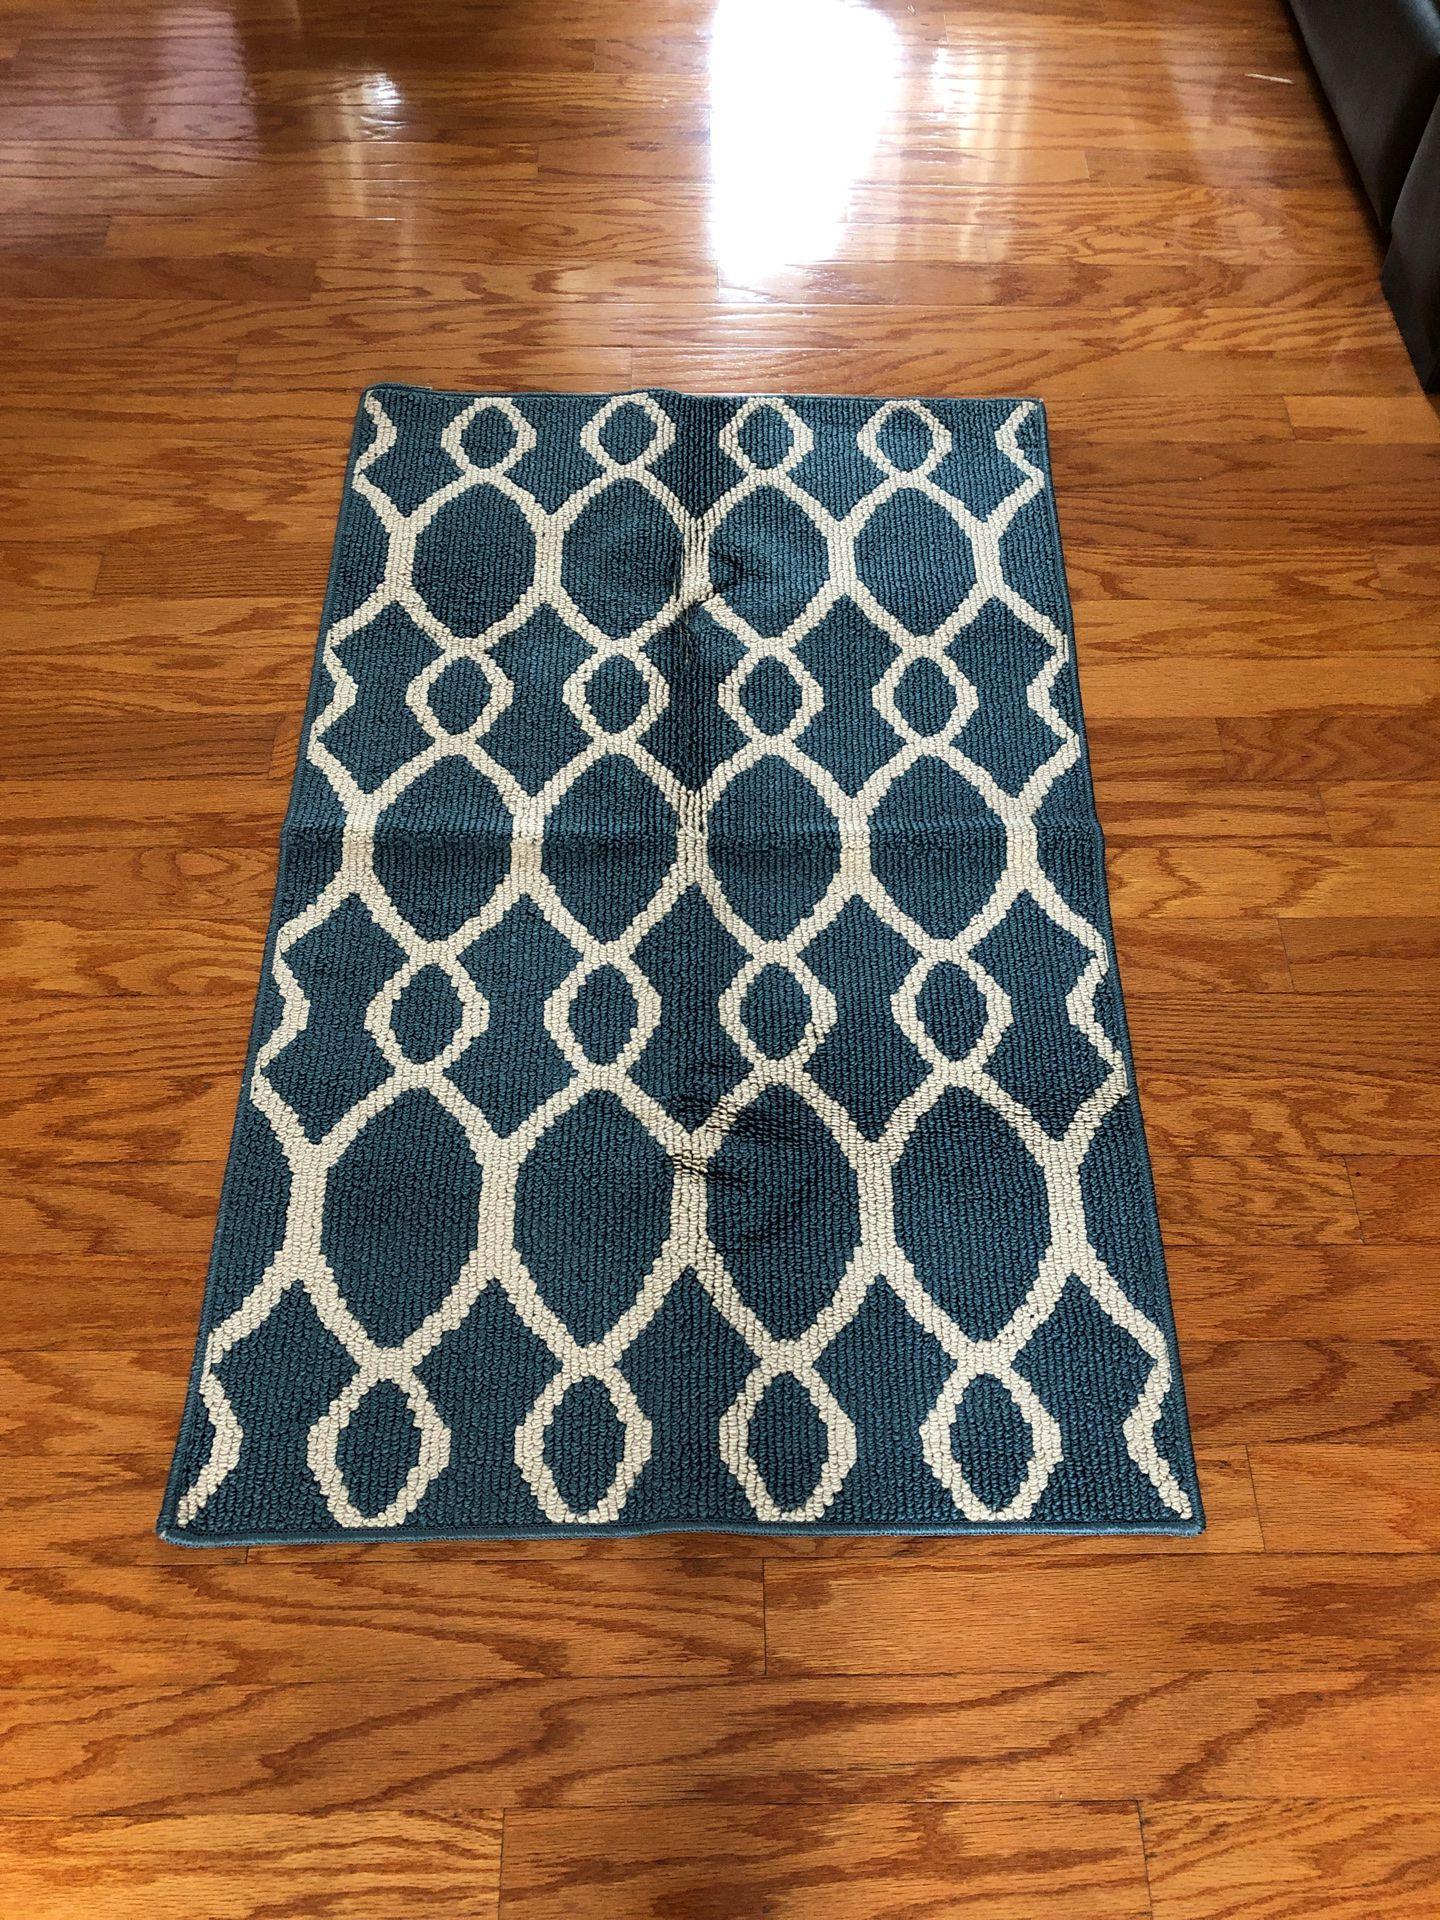 Area carpet